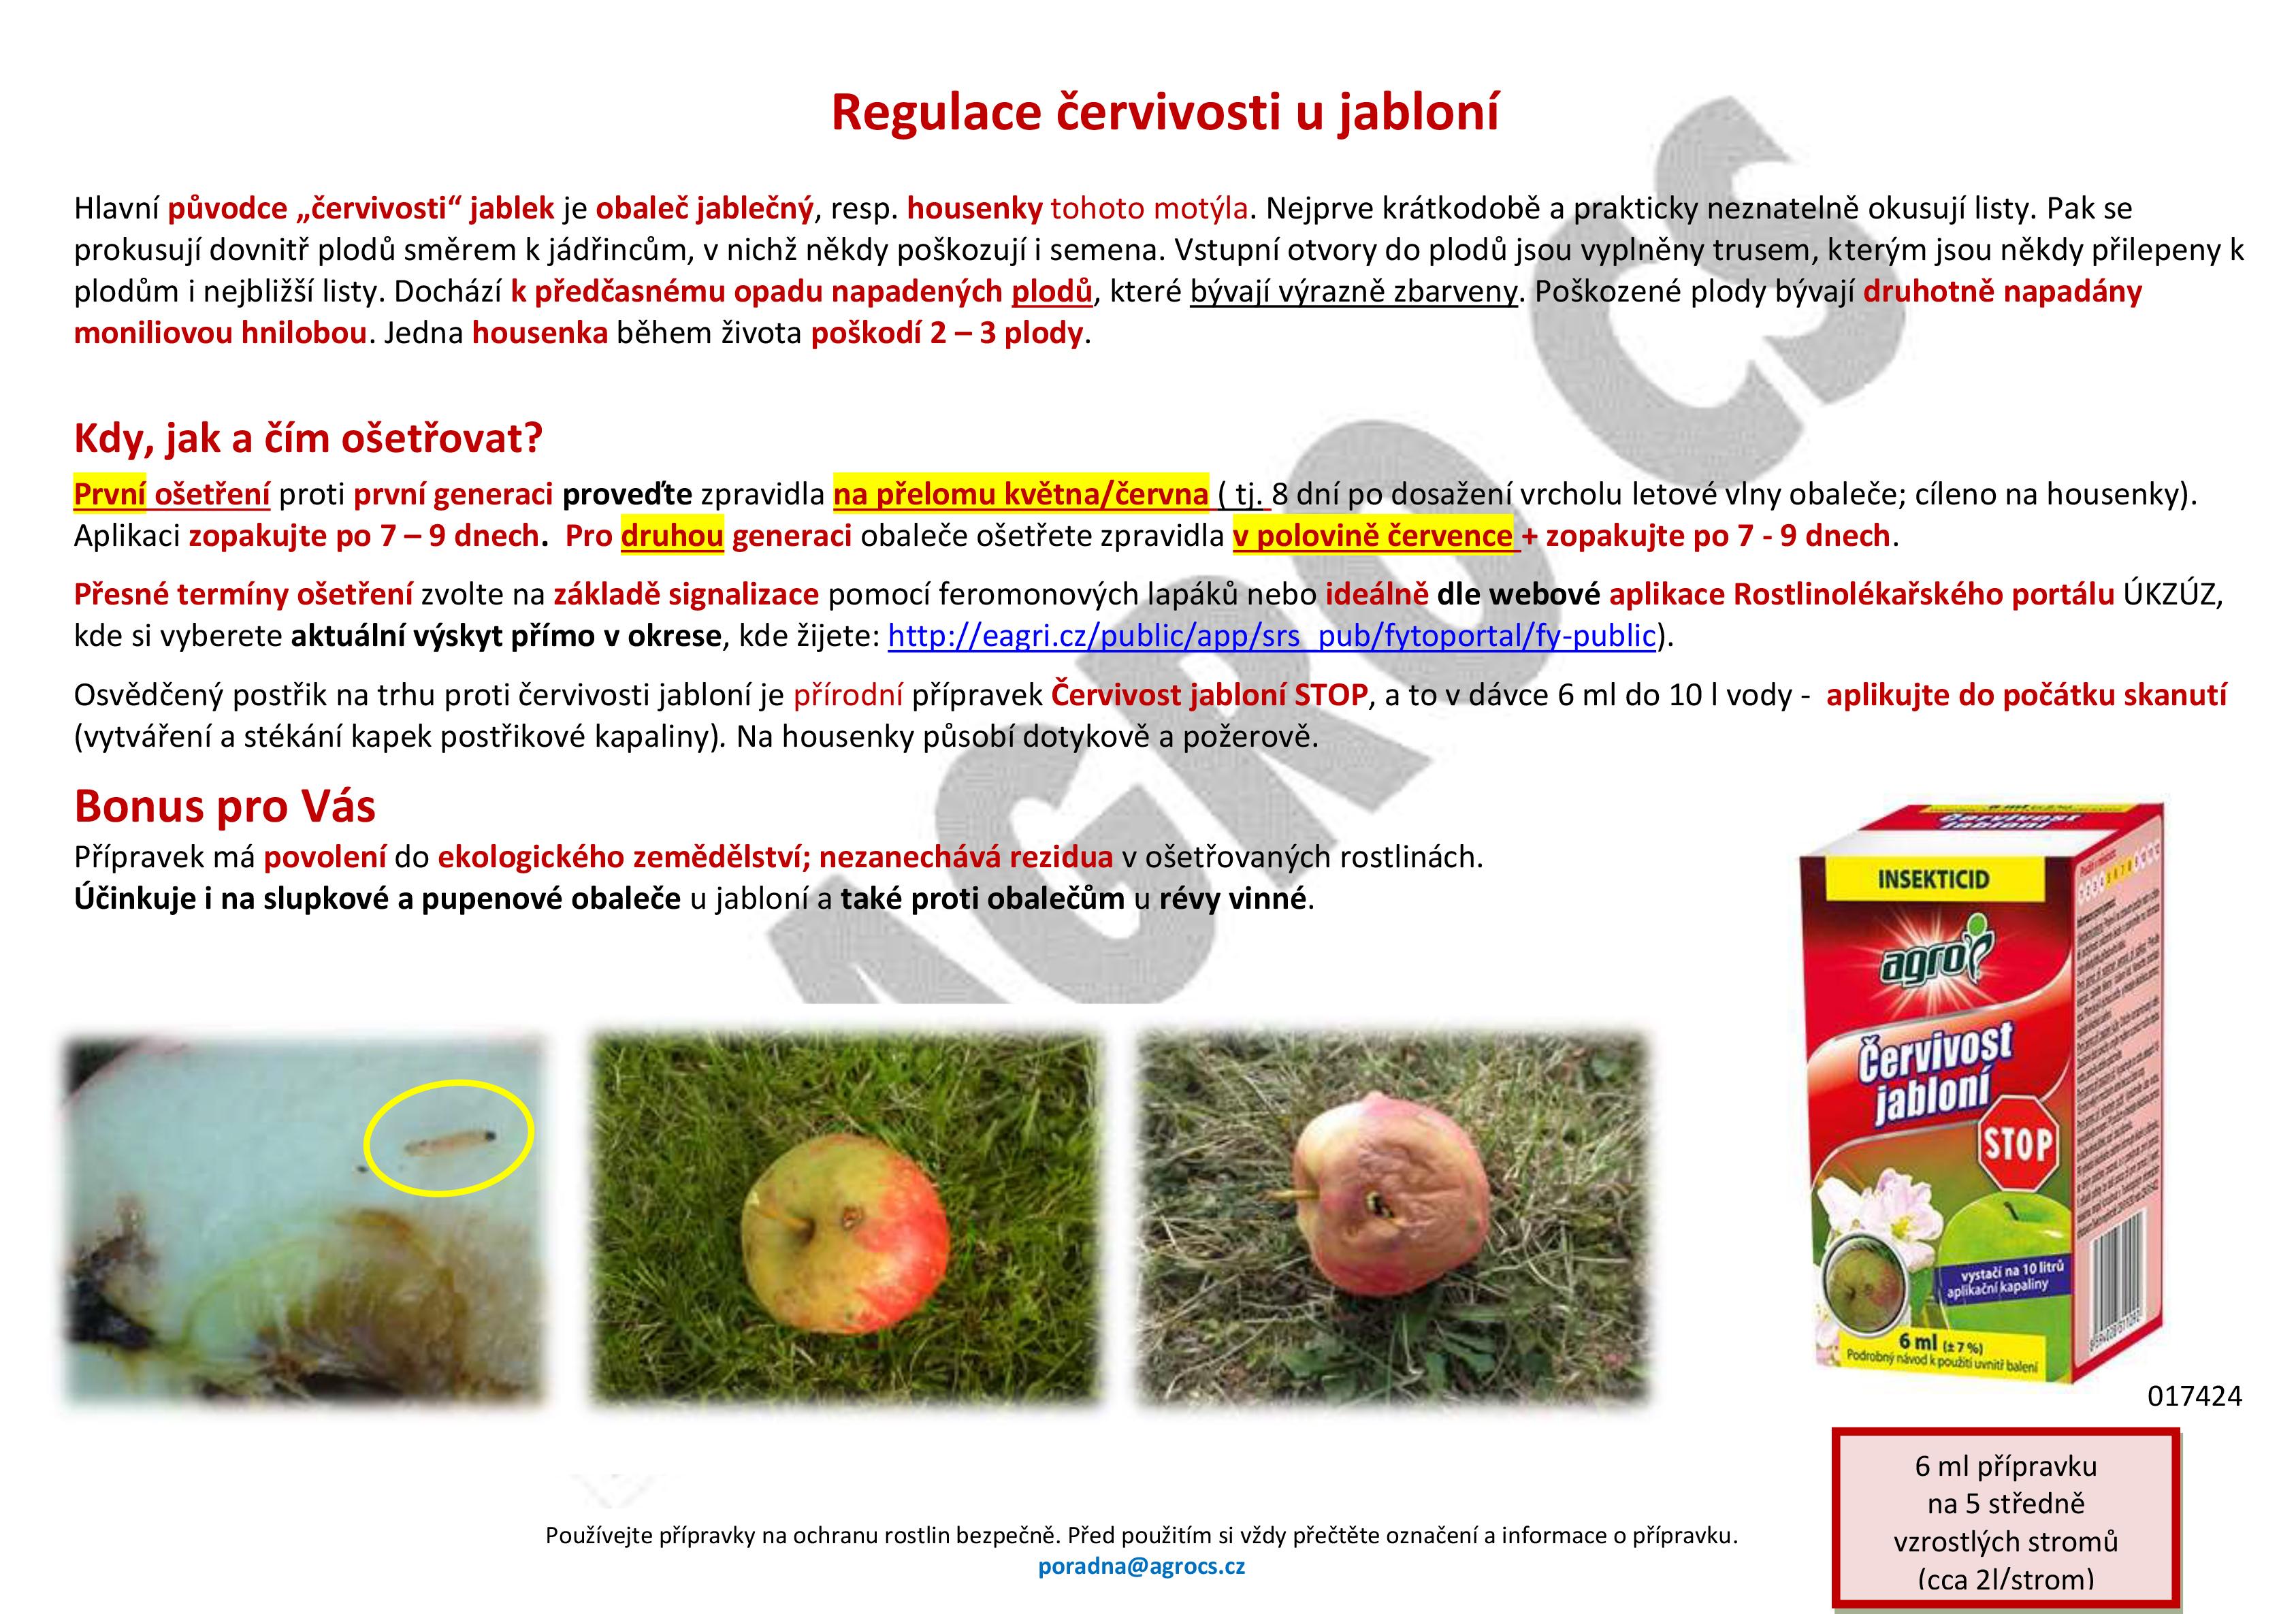 Zabraňte červivosti u jabloní se správnými přípravky